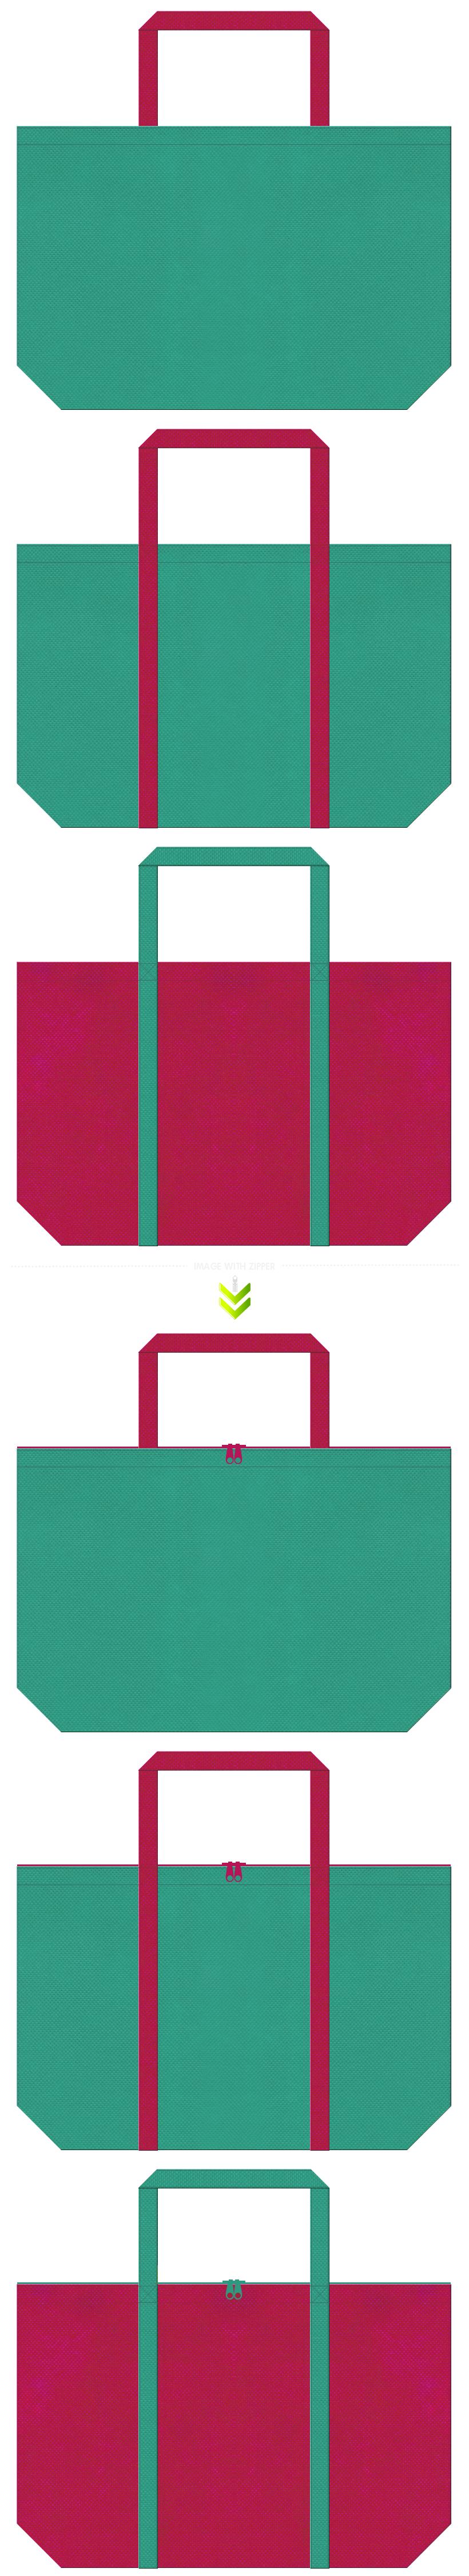 青緑色と濃いピンク色の不織布バッグデザイン。南国の鳥のイメージで、リゾートのトラベルバッグにお奨めです。